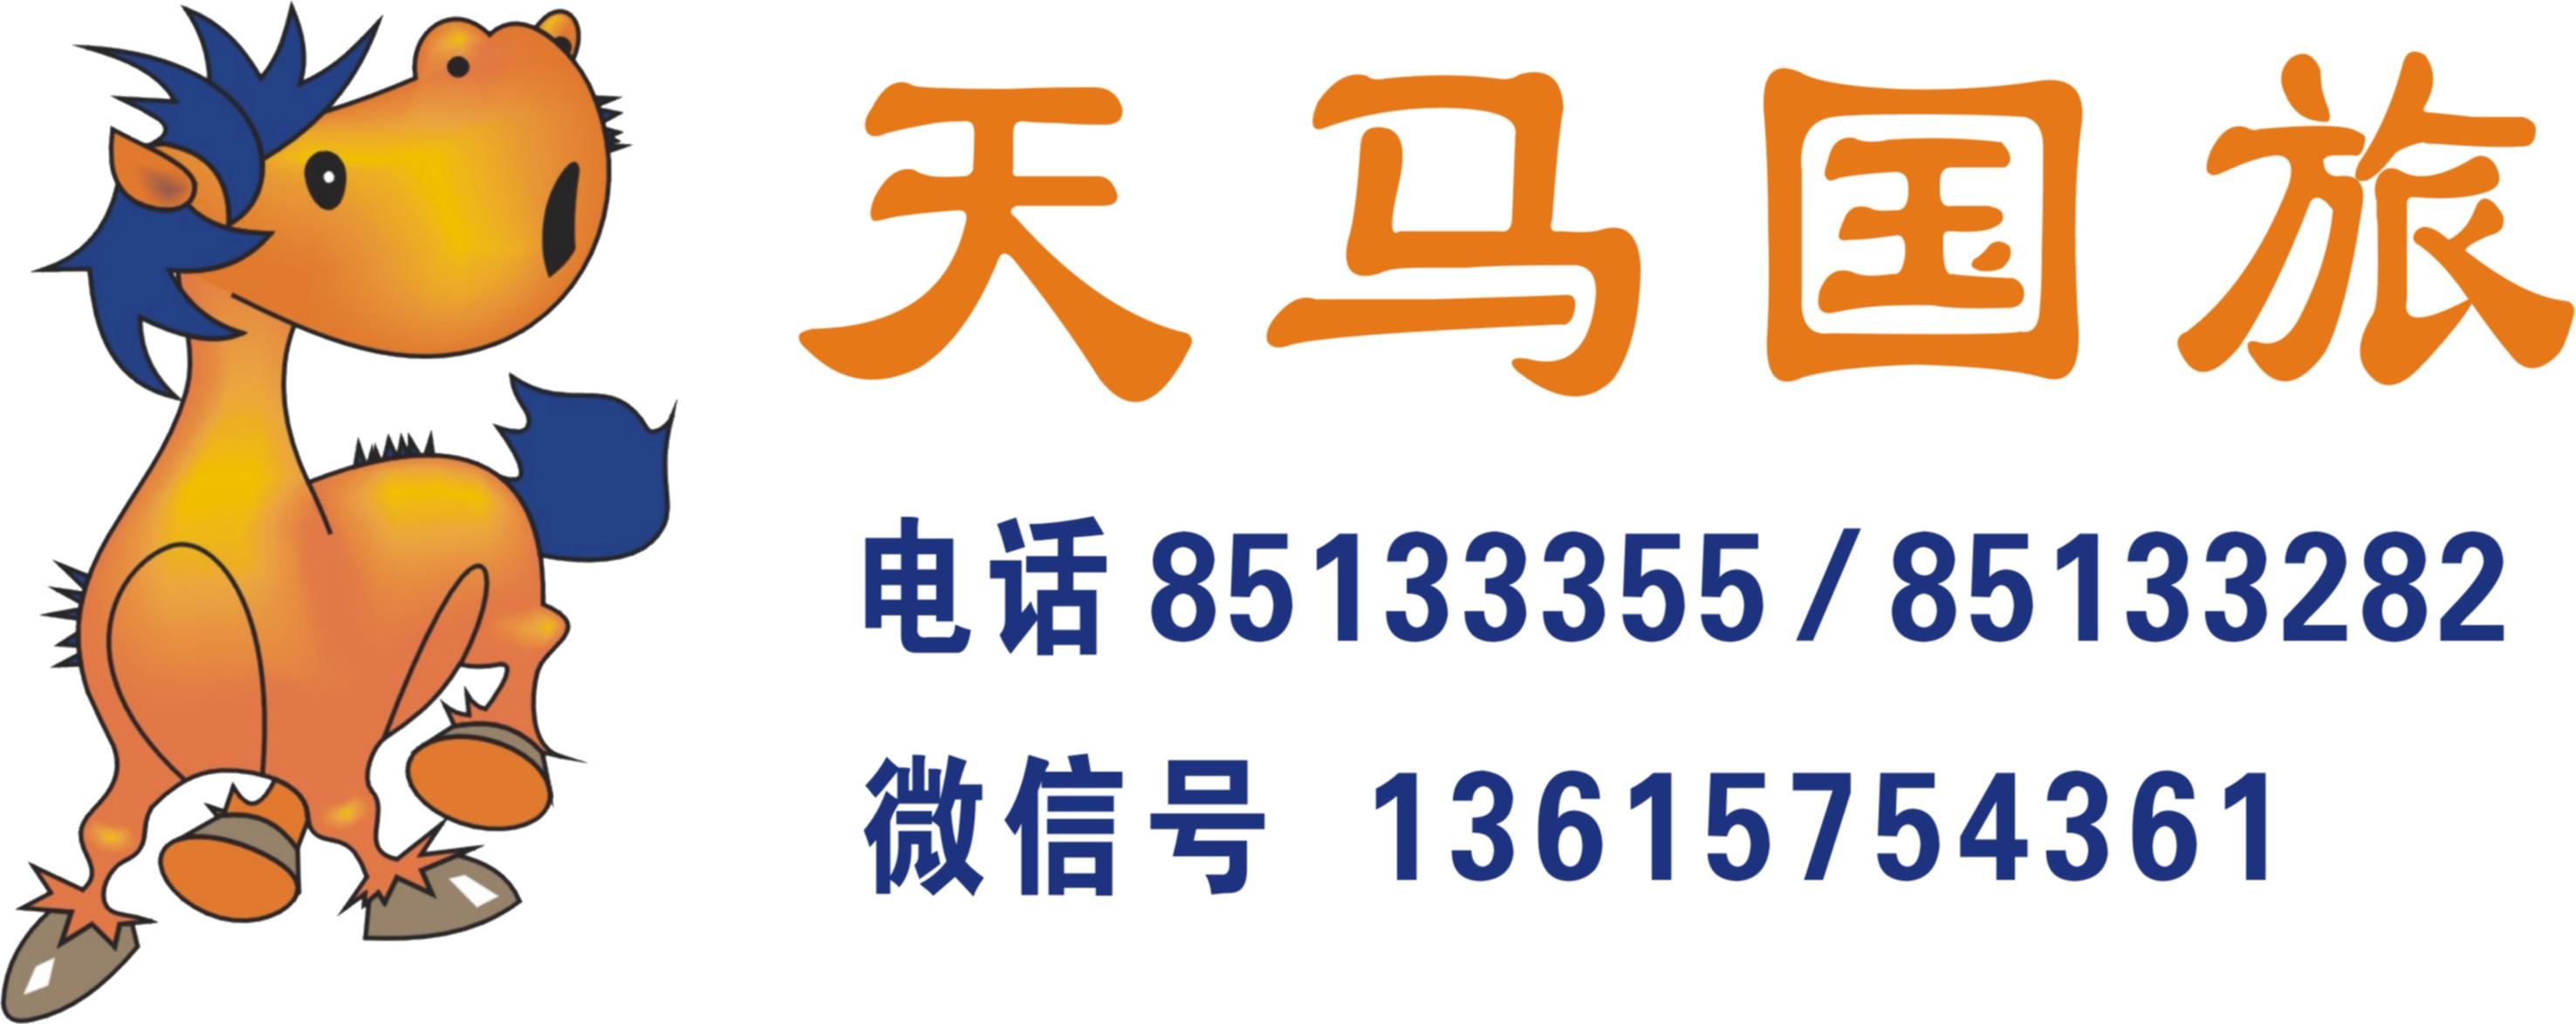 7.21【桐庐瑶琳仙境、大奇山森林公园特价一日游】